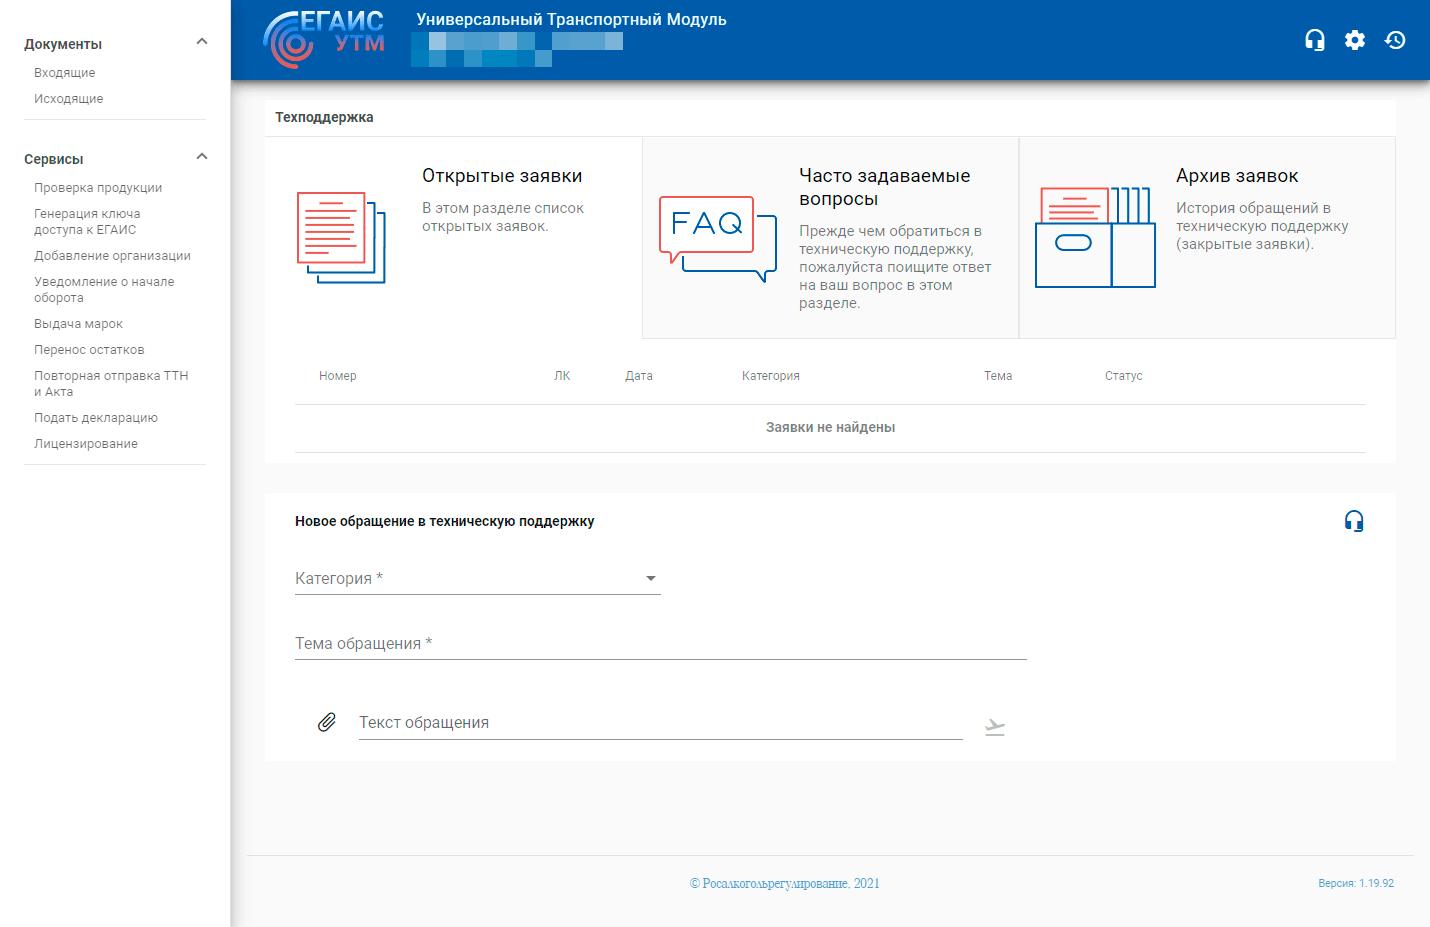 https://interface31.ru/tech_it/images/egais-utm420-linux-003.png